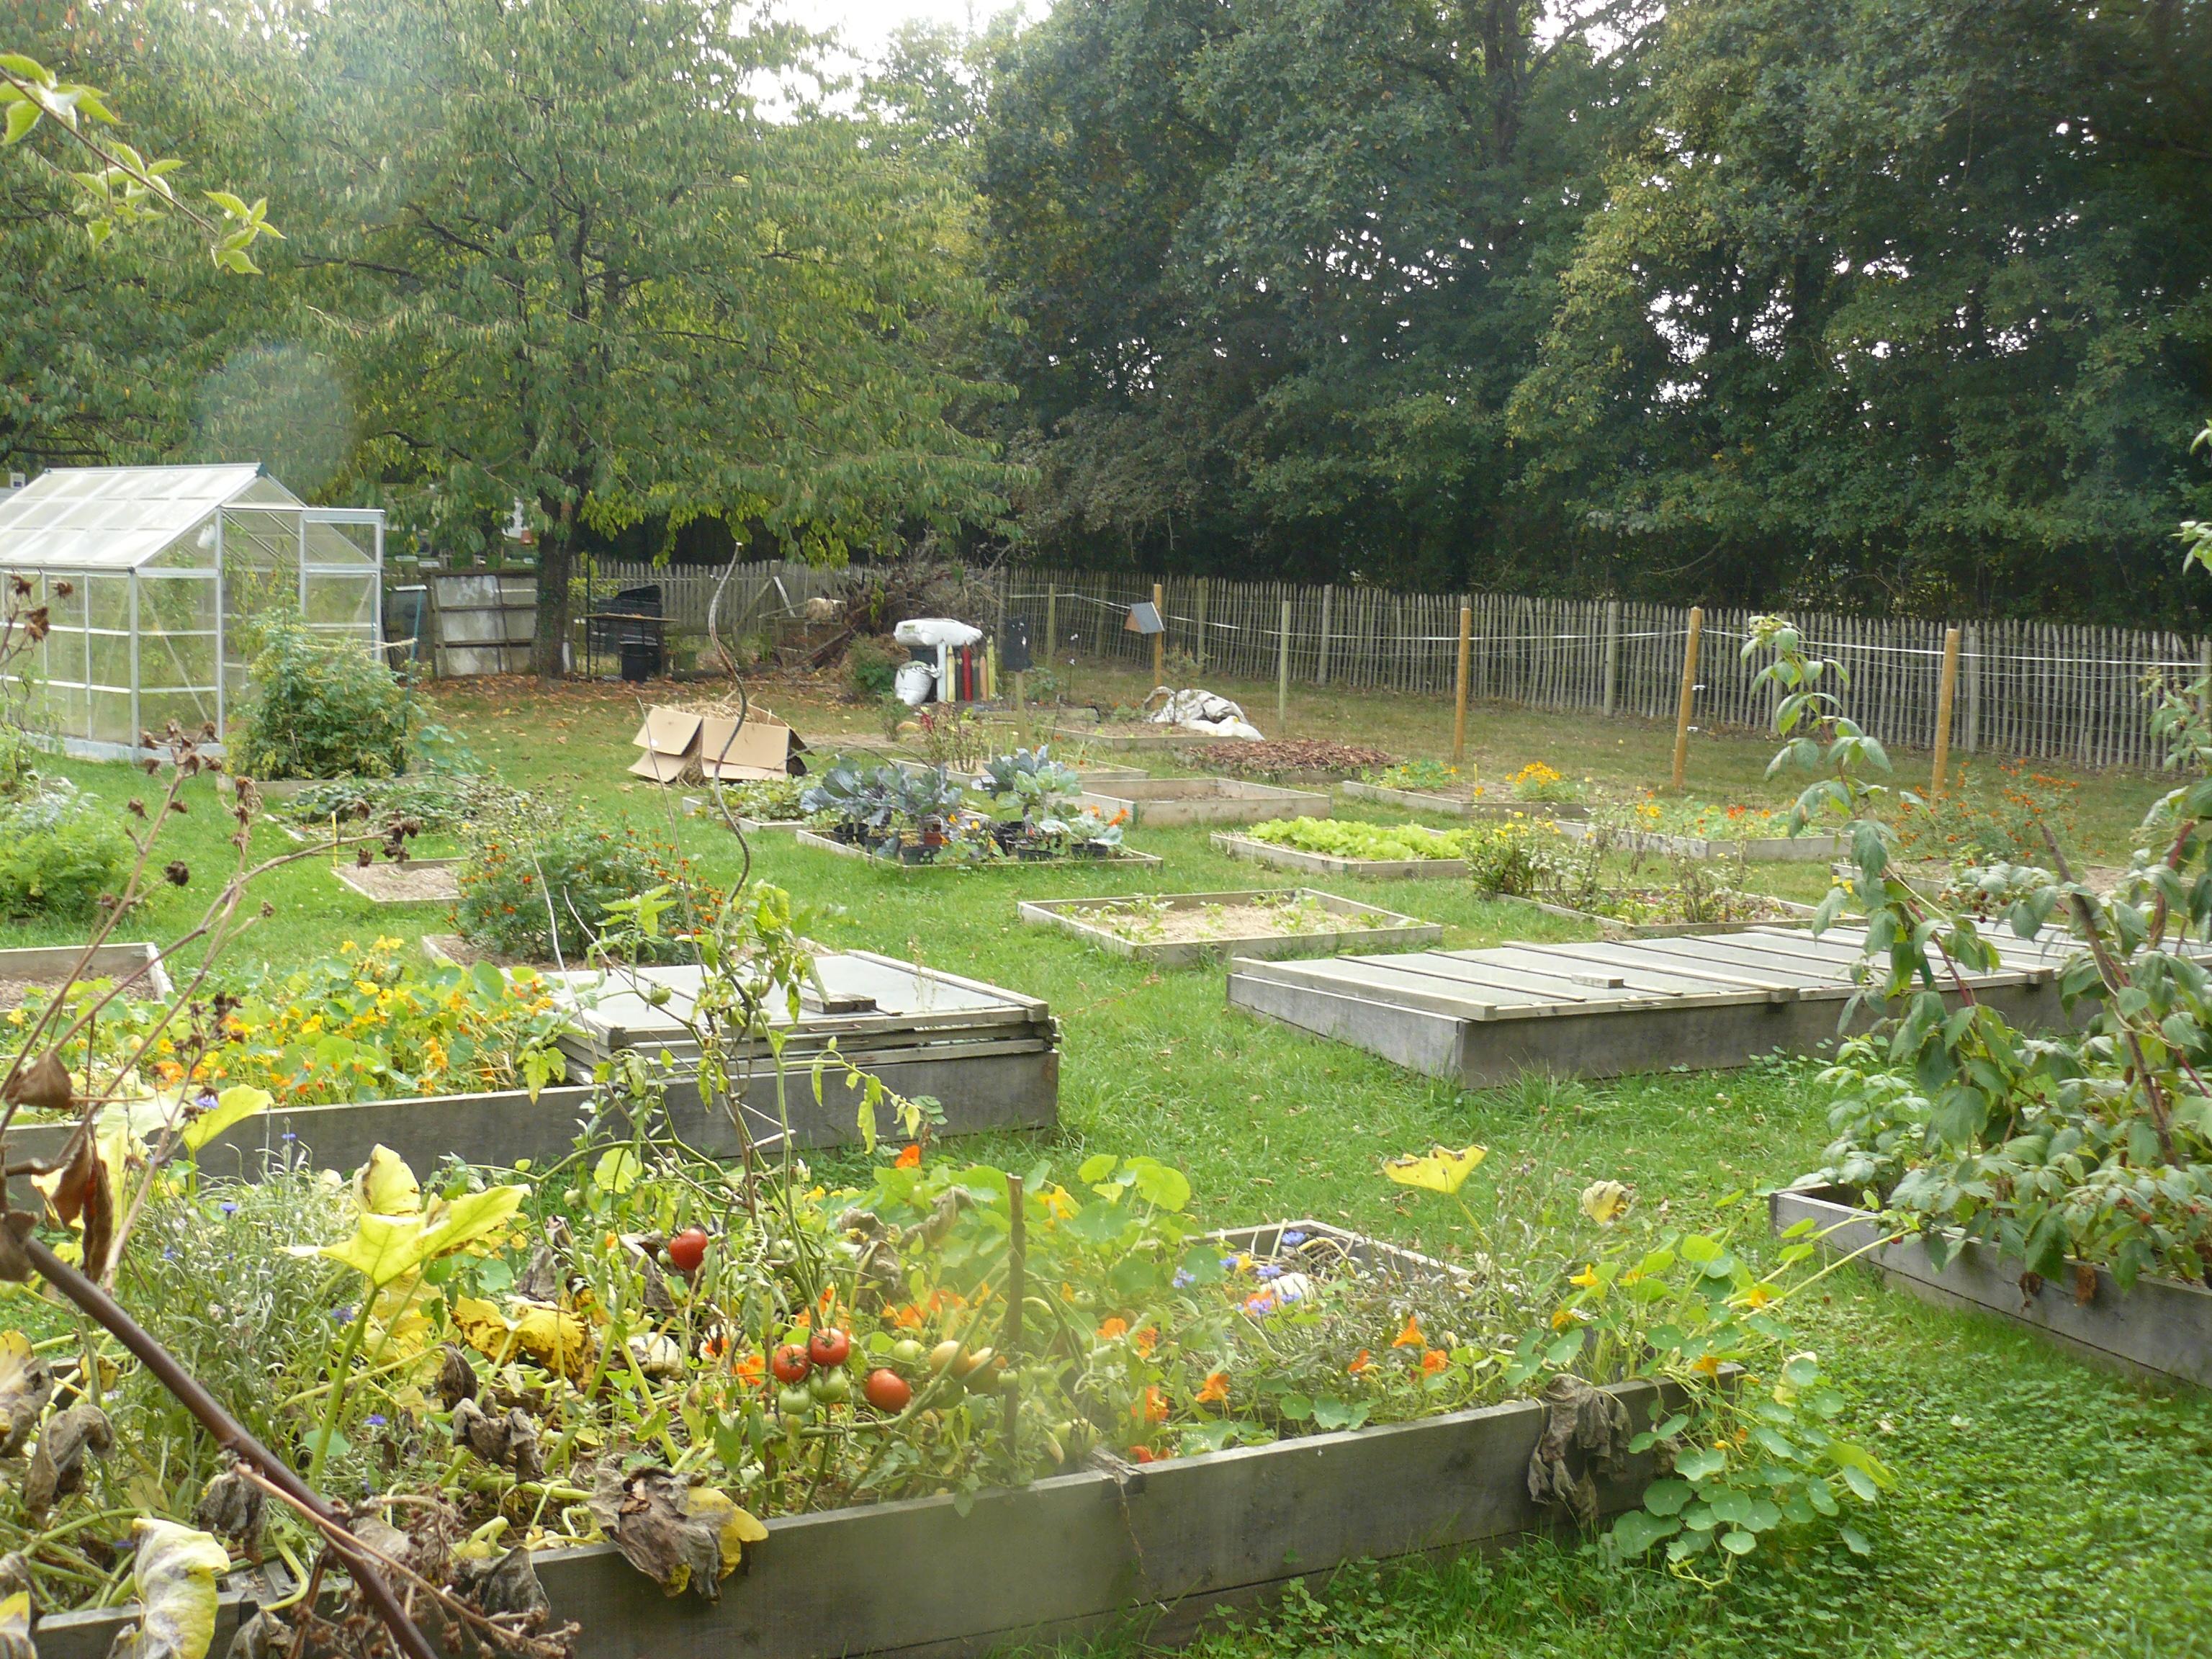 Jardin de la taupinais rennes vert le jardin for Entretien de jardin rennes